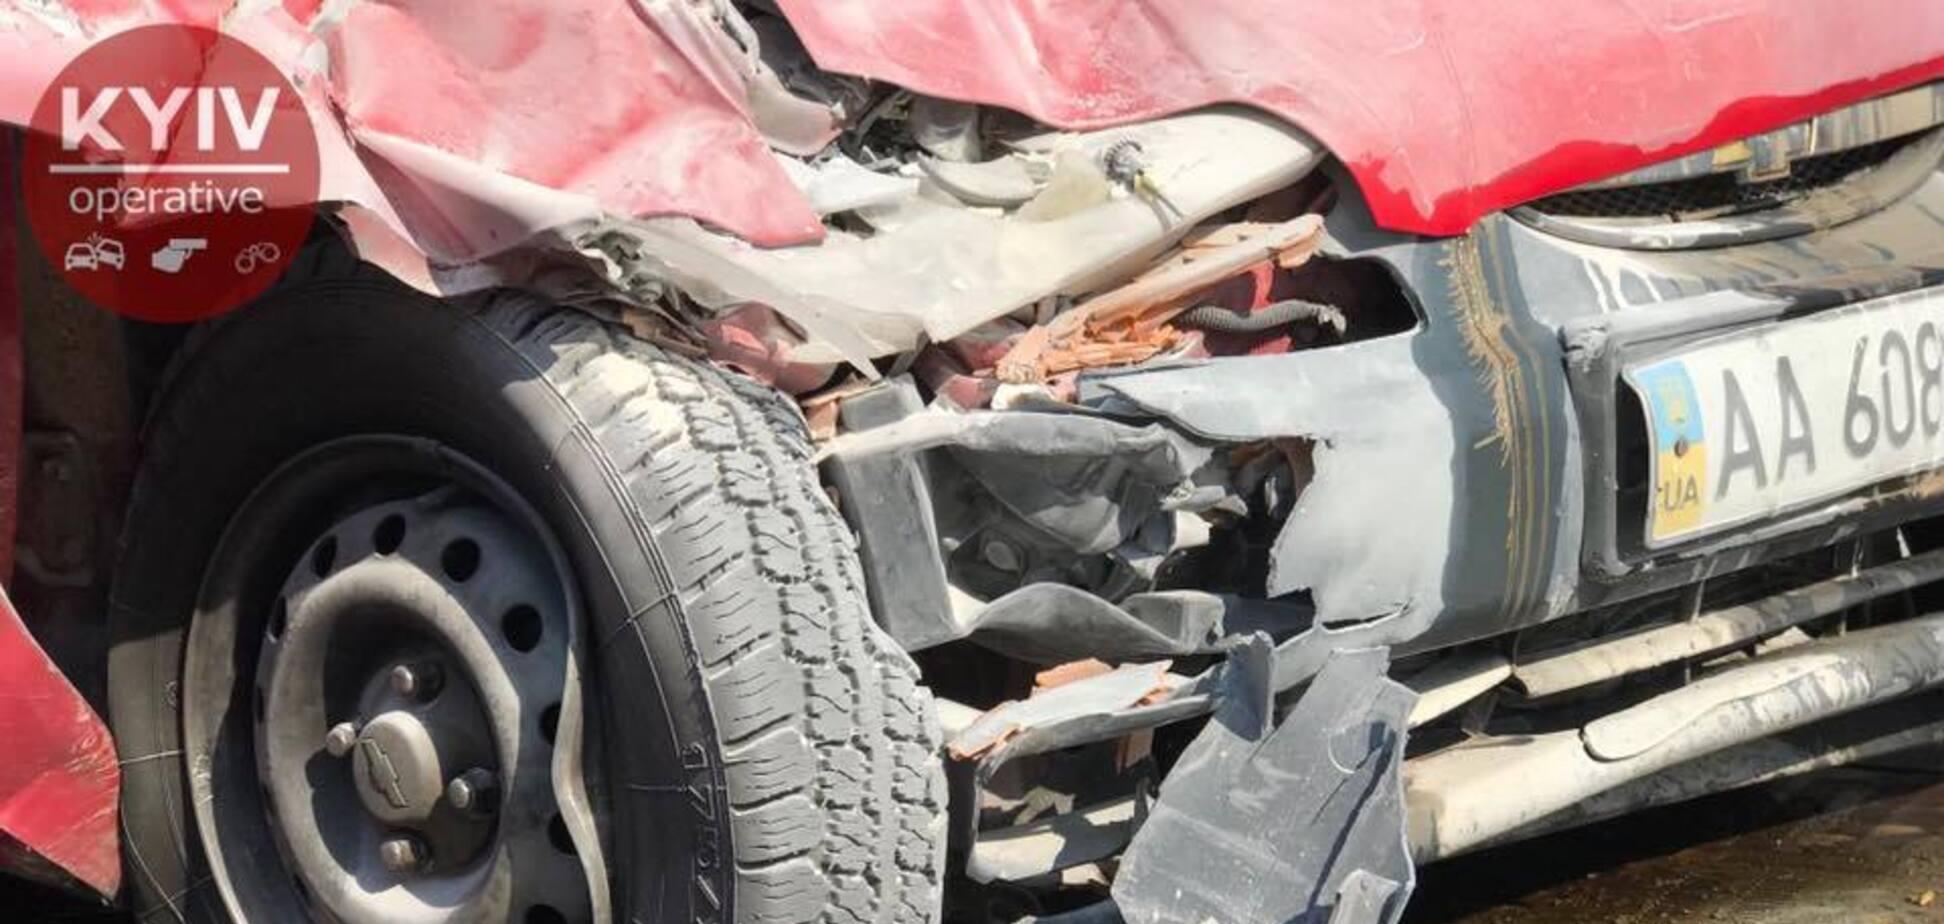 Мчав на зимових шинах: у ДТП в Києві постраждали чотири особи